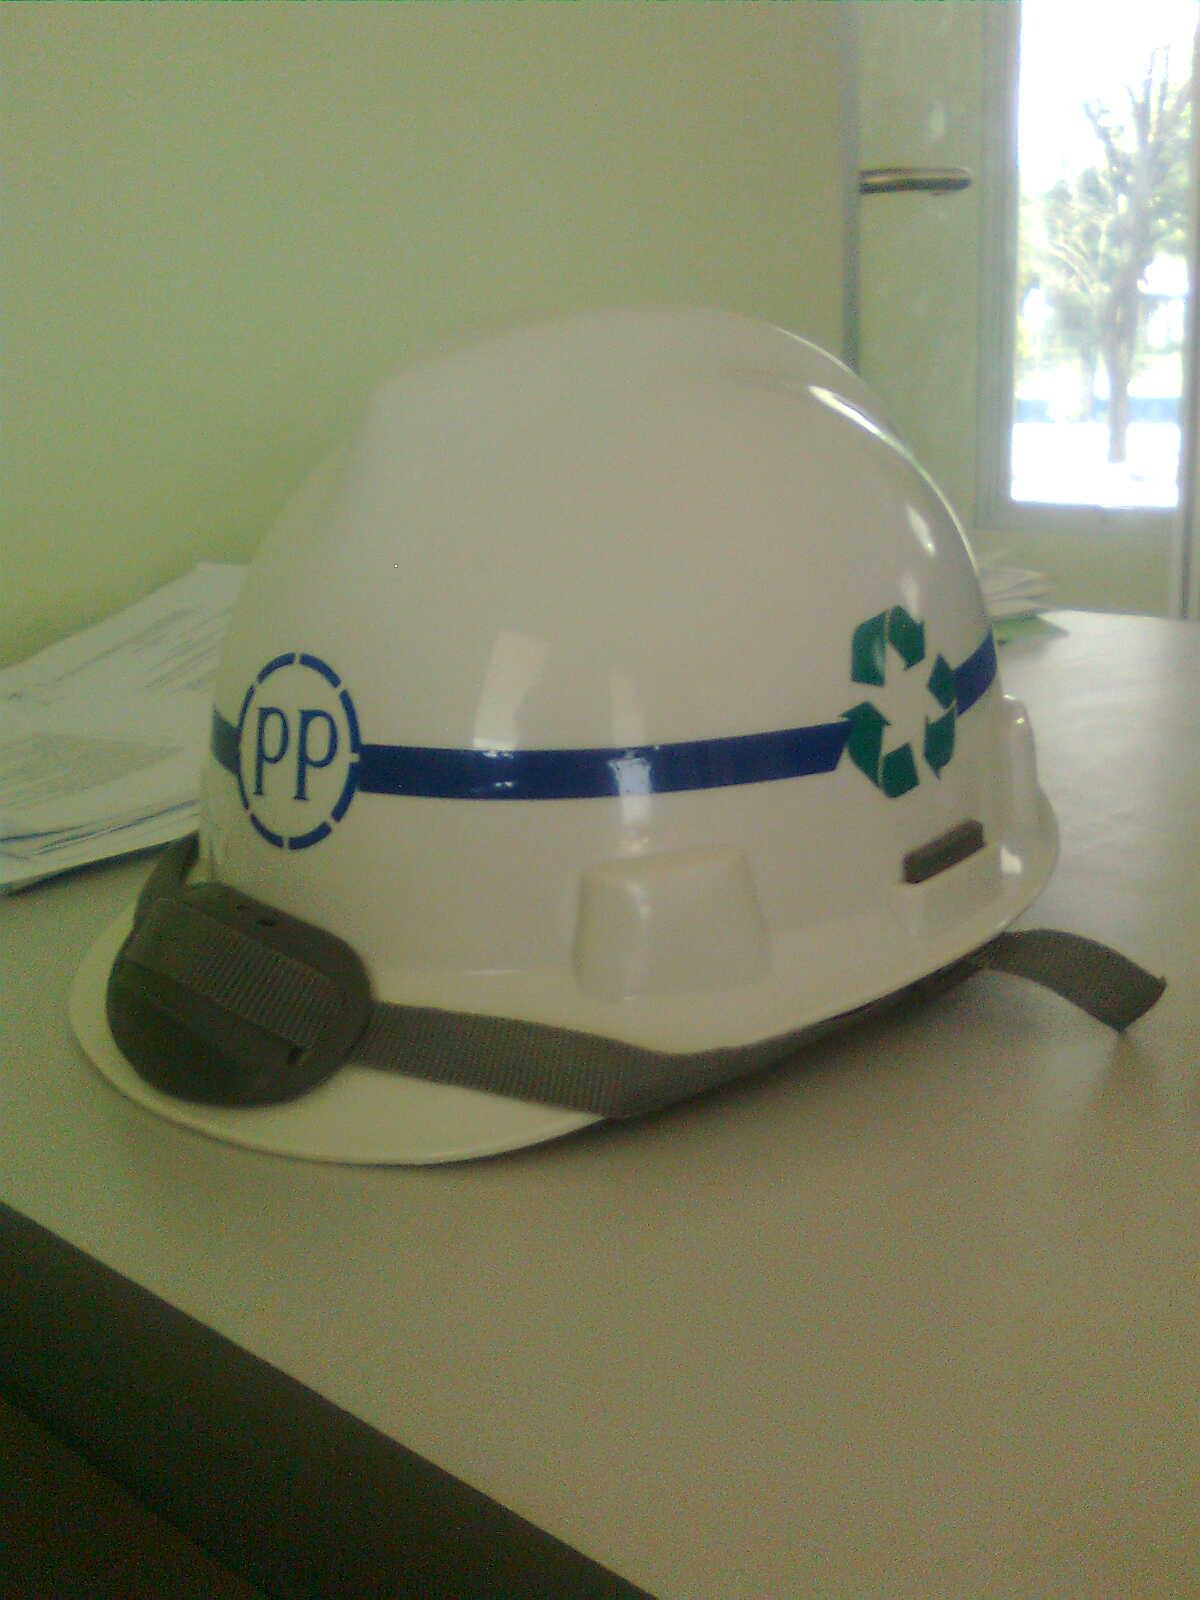 proyek rs antam medika jakarta tanggal 19 oktober 2011 pukul 17 00